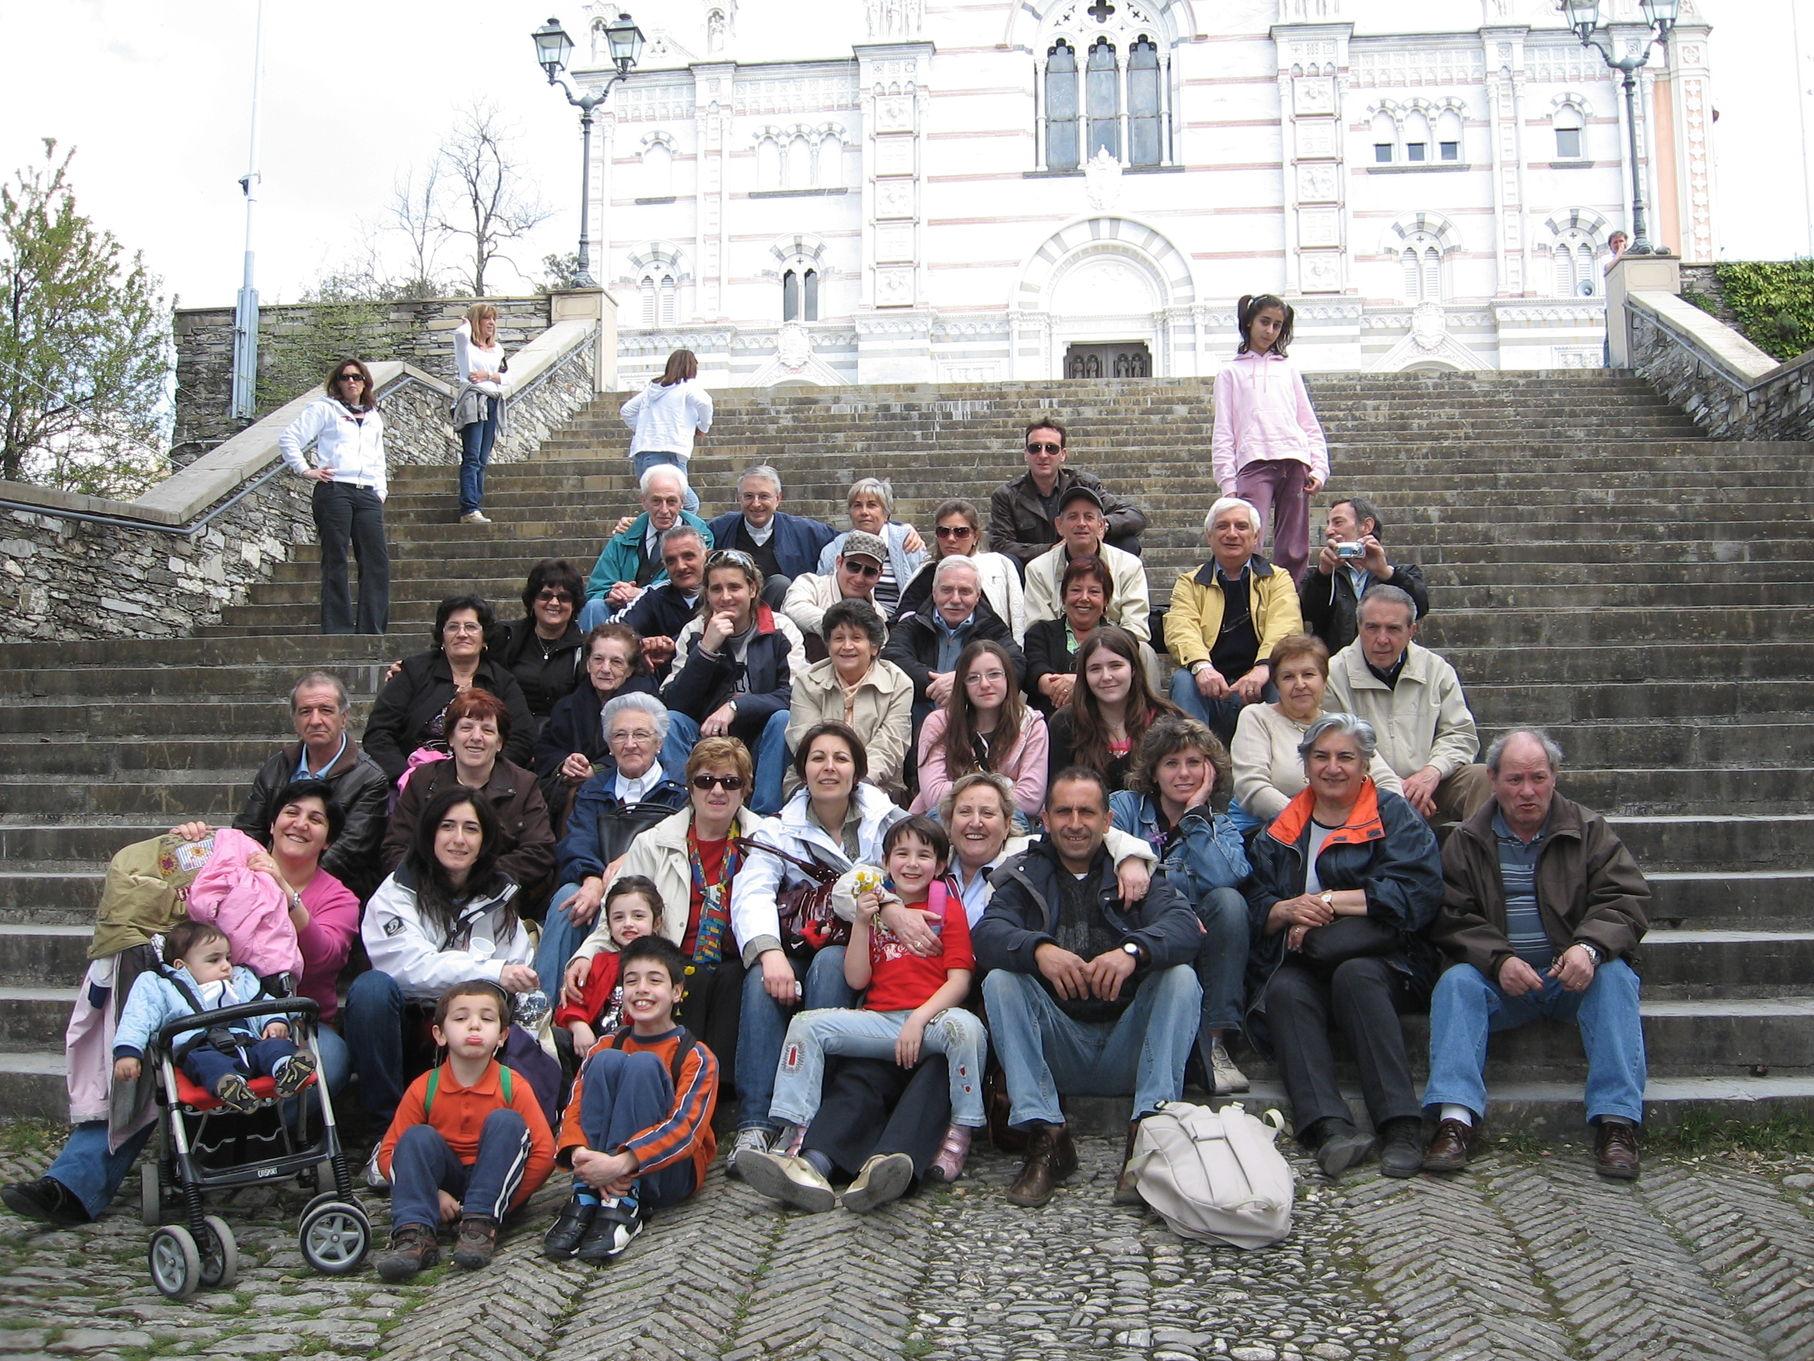 Montallegro-2009-04-13--13.46.05.jpg